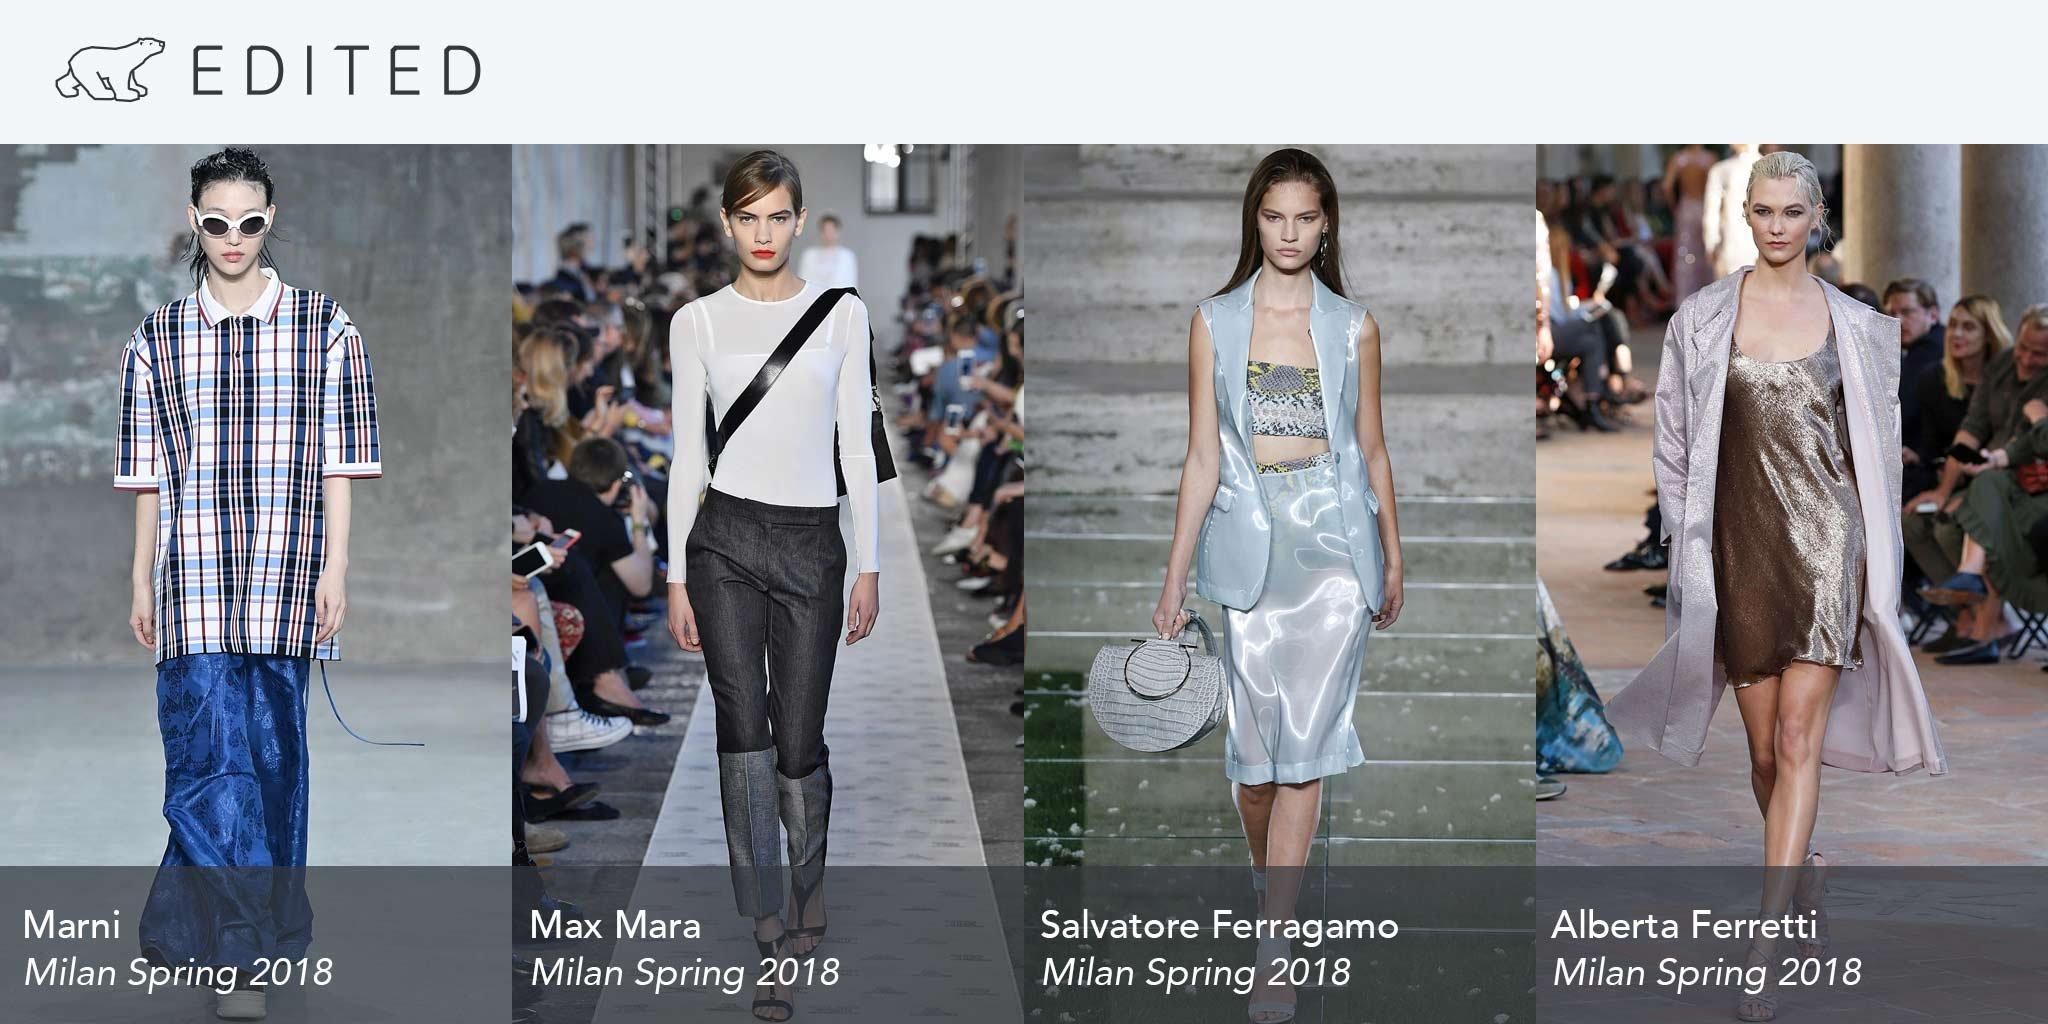 Milan Spring 2018 trends